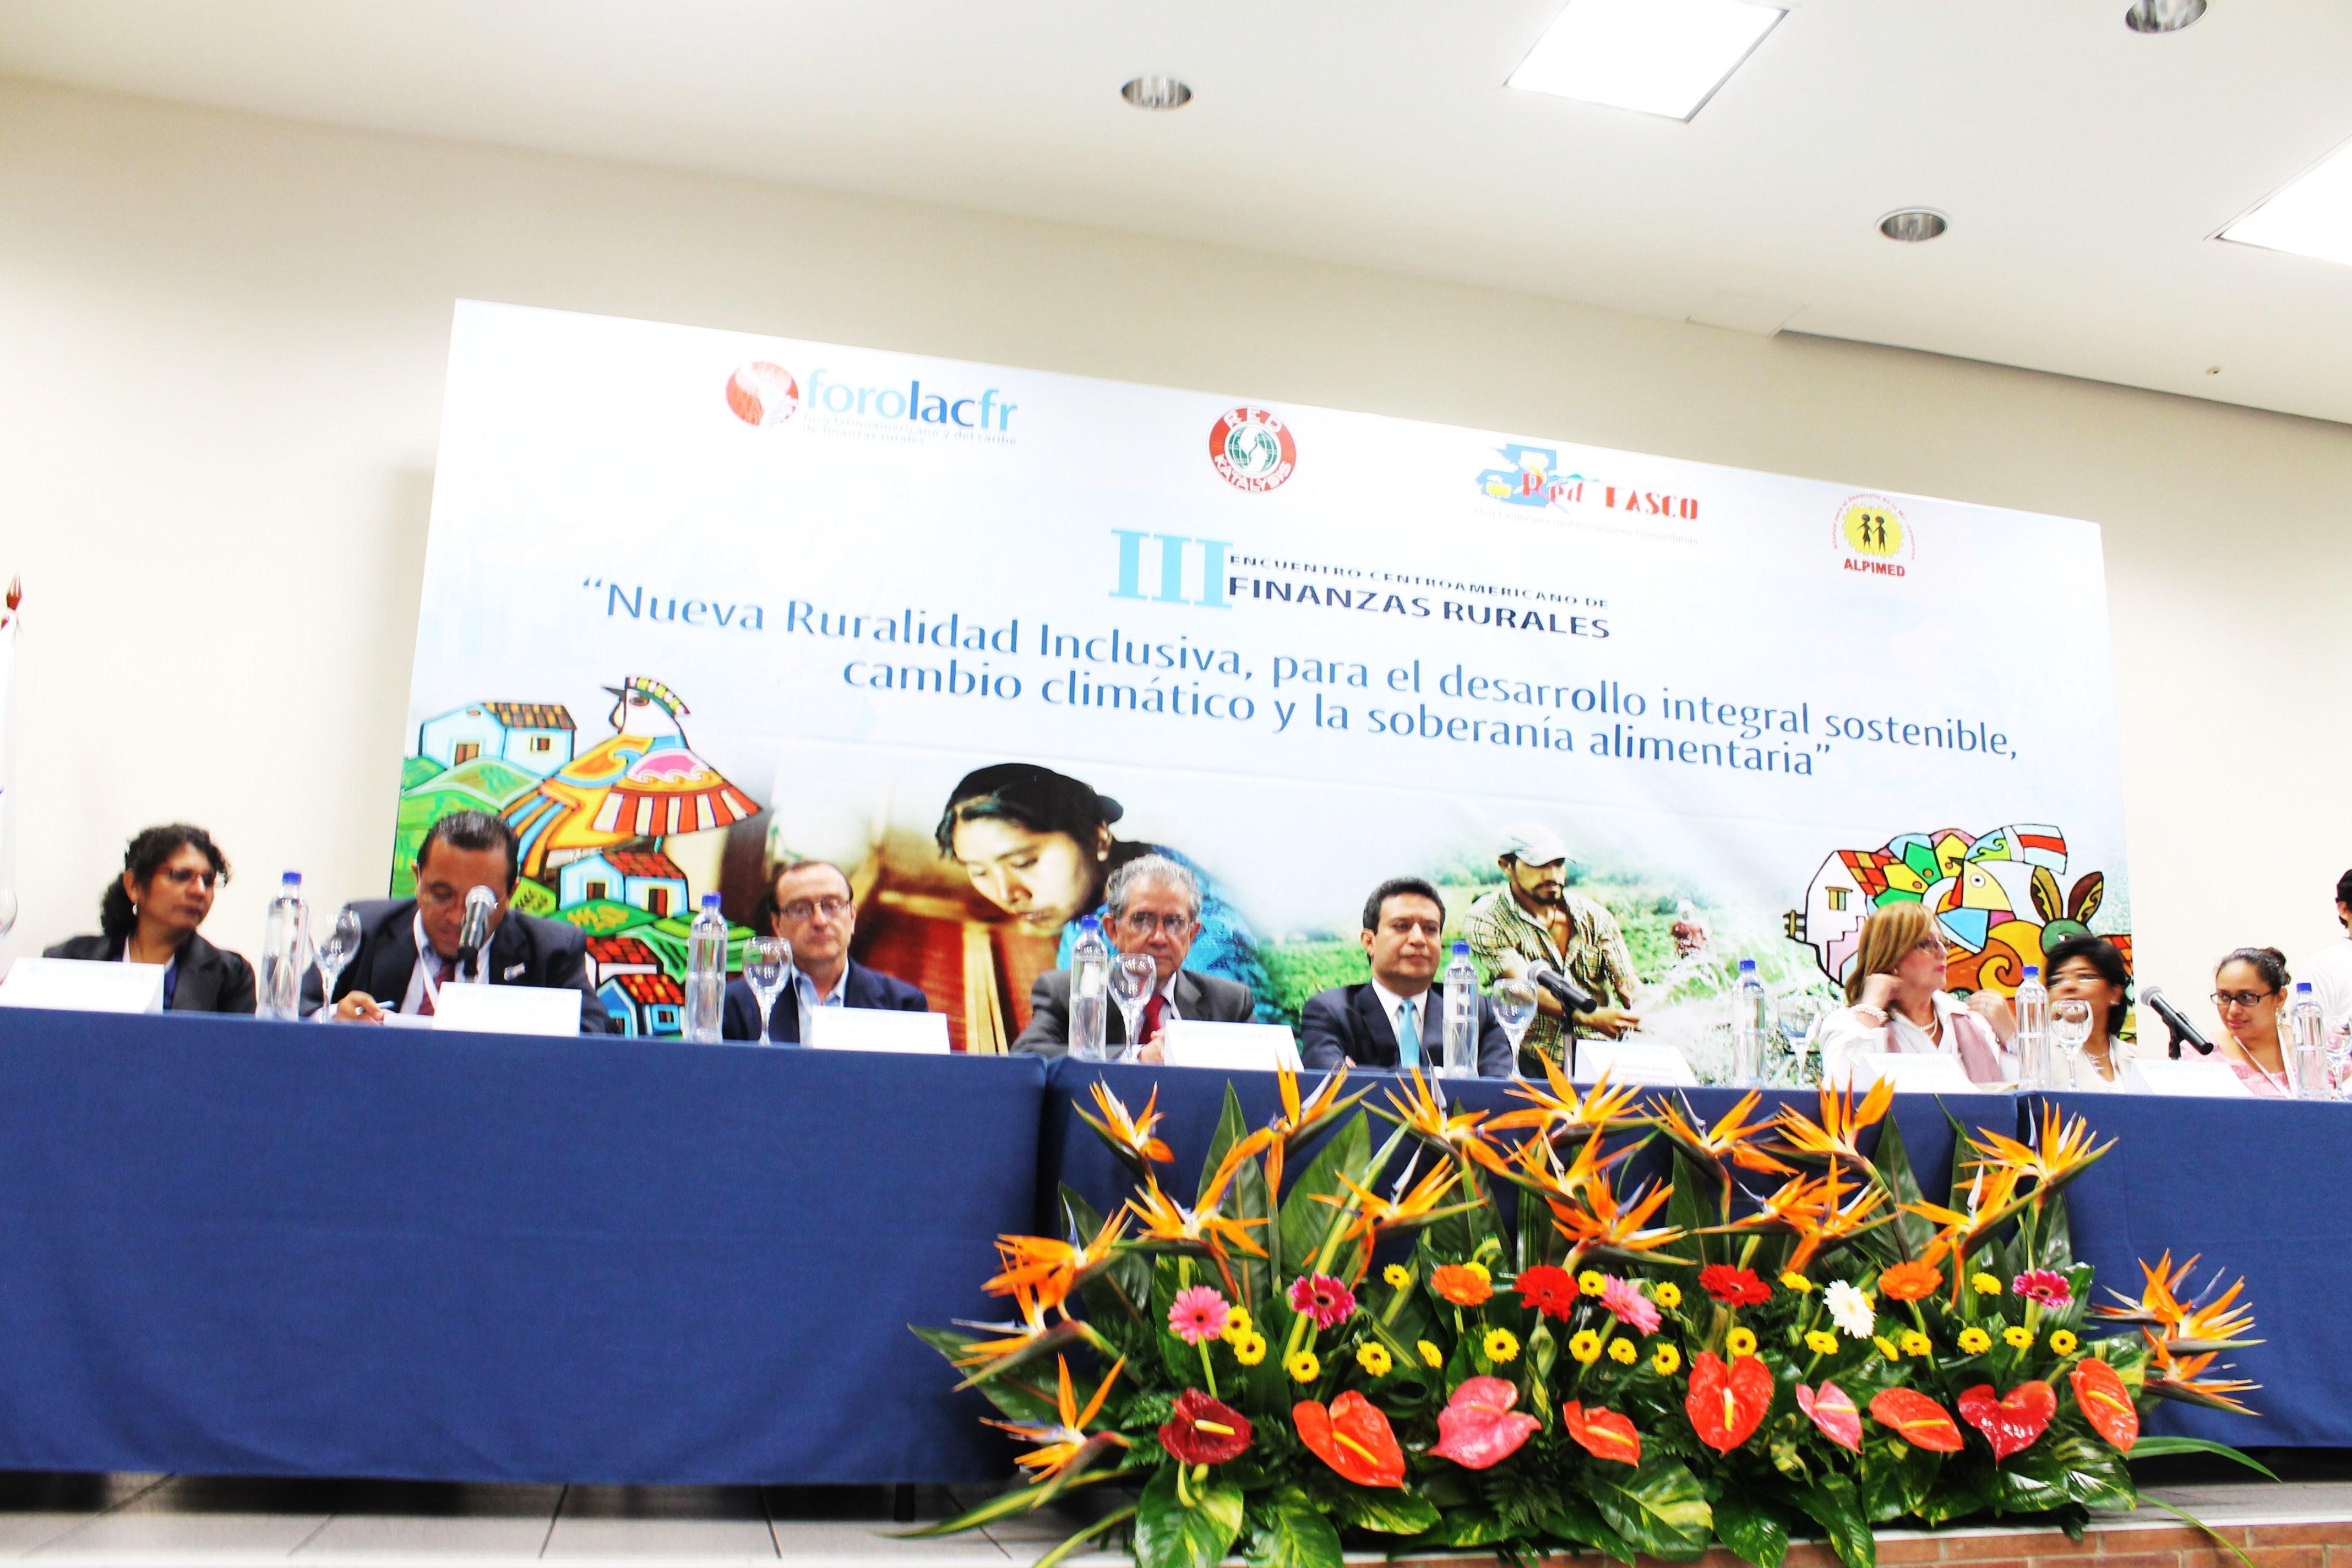 Inicia el III Encuentro Centroamericano de Finanzas Rurales en El Salvador